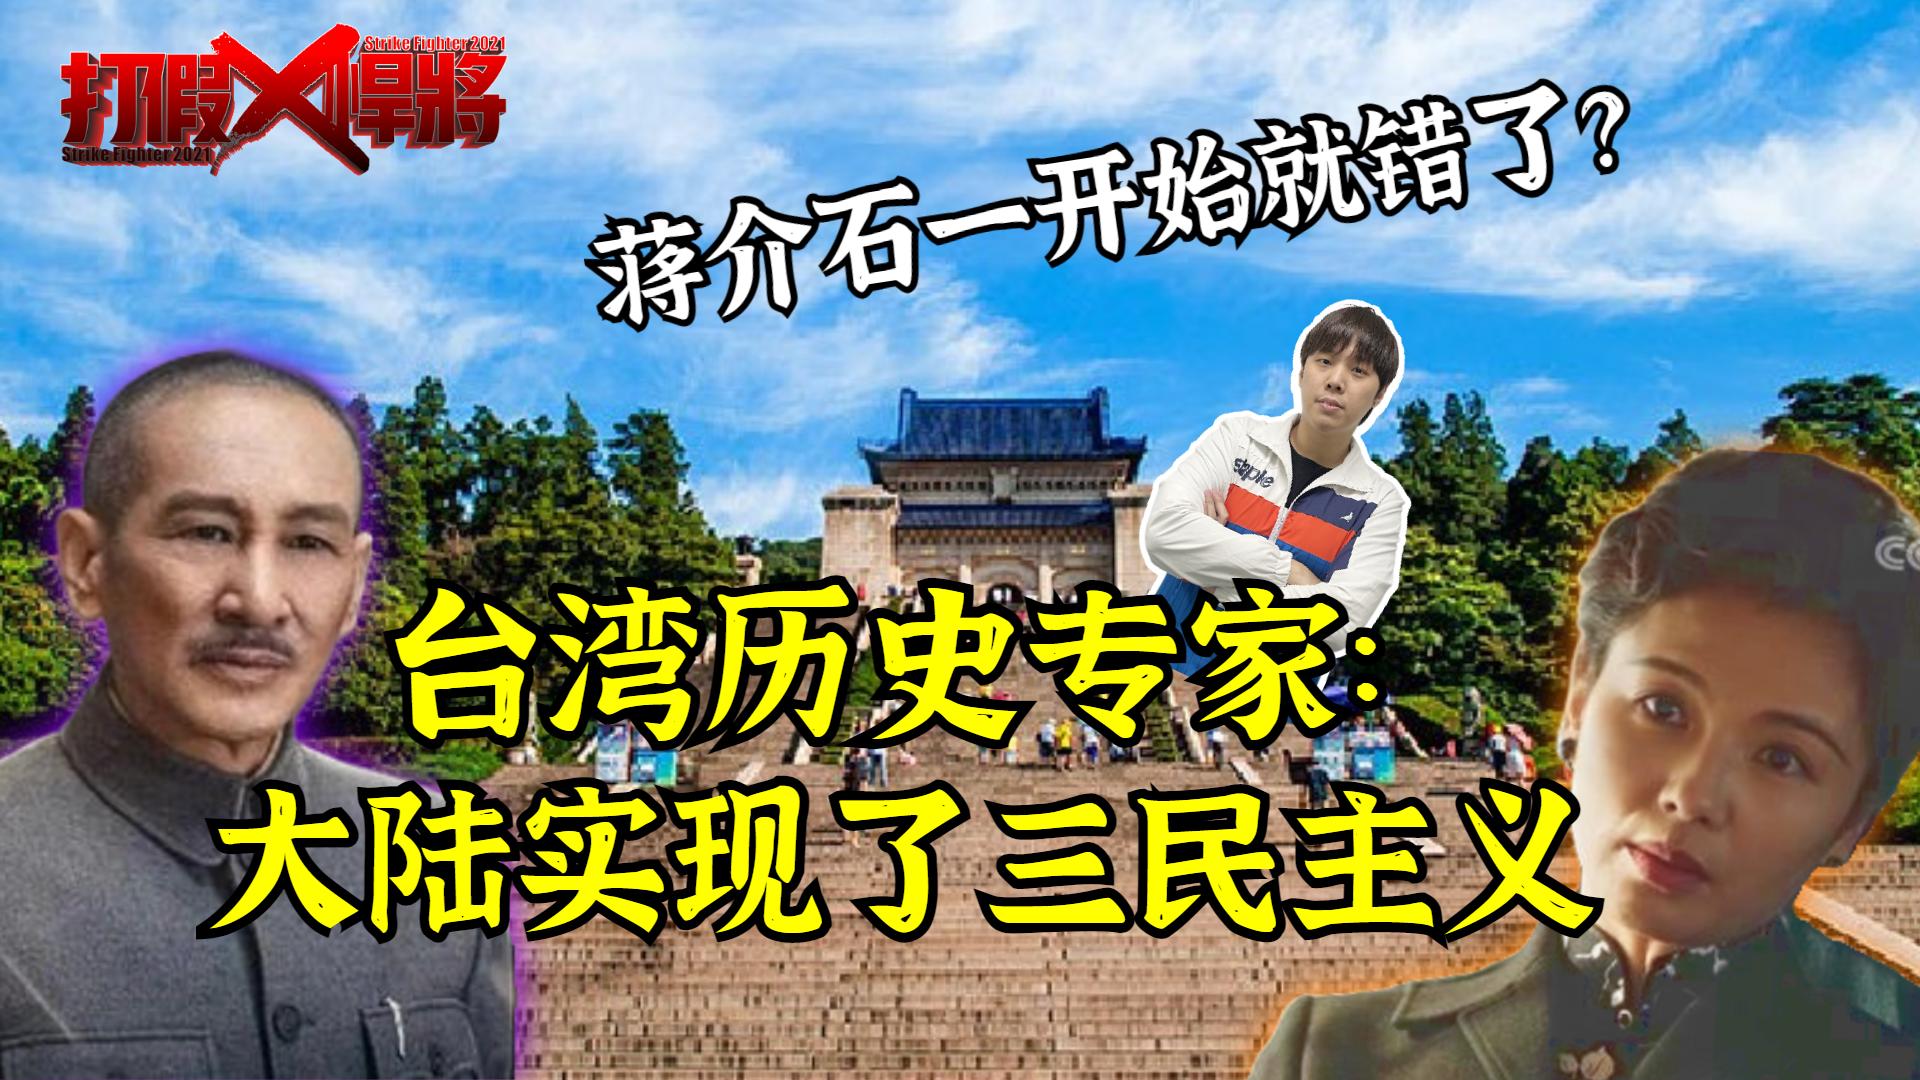 台湾同胞都该看看:不一样的蒋介石和宋美龄 太真实了!| 知之有时